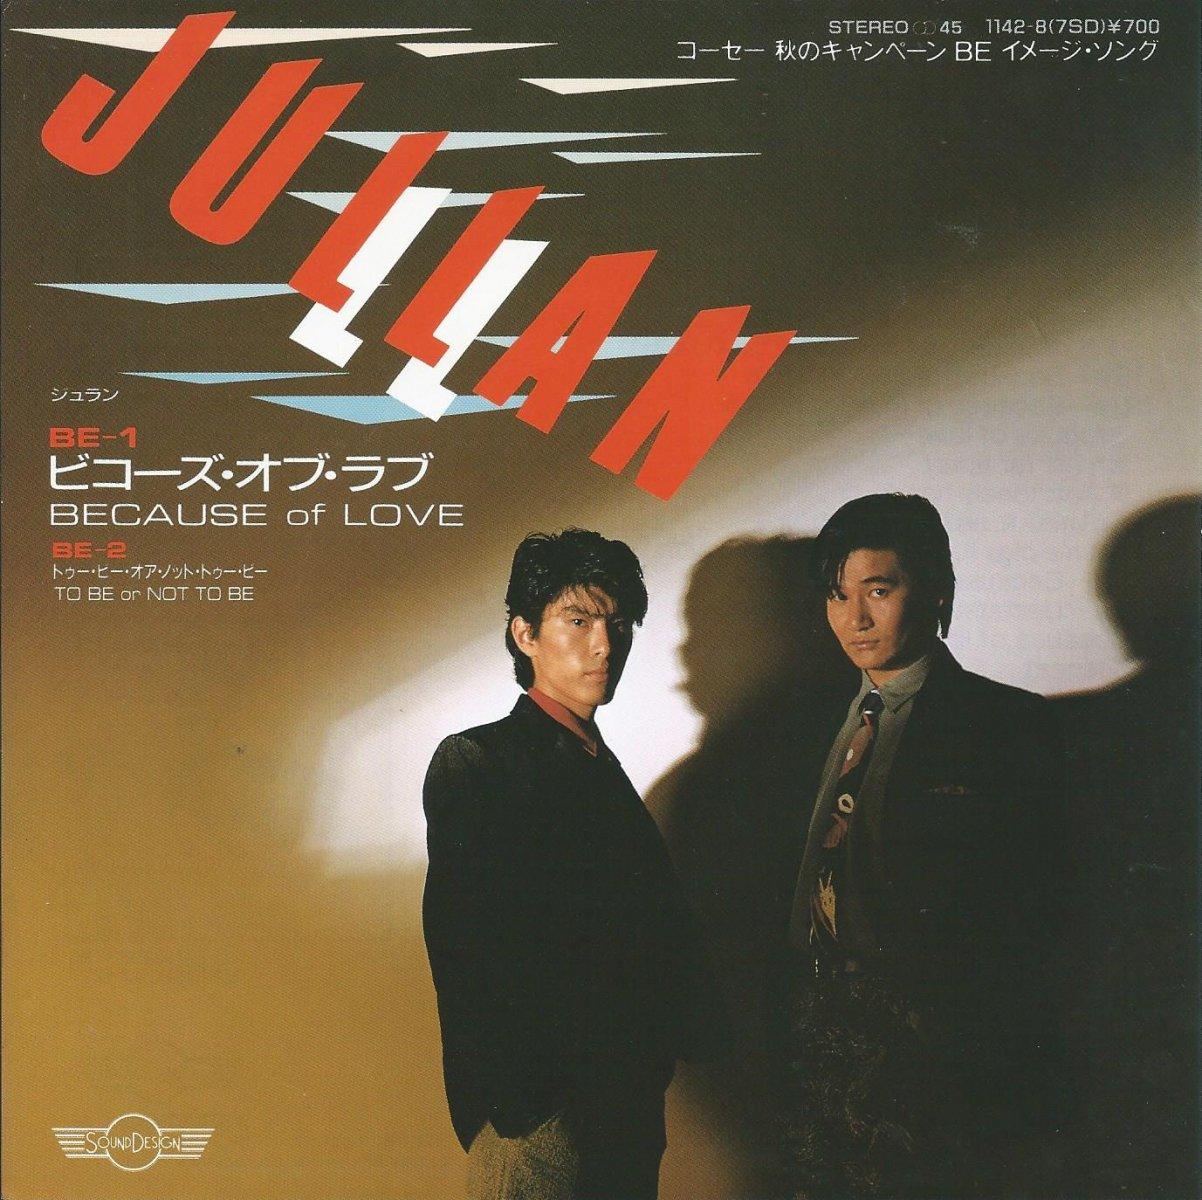 ジュラン JULLAN / ビコーズ・オブ・ラブ BECAUSE OF LOVE (7